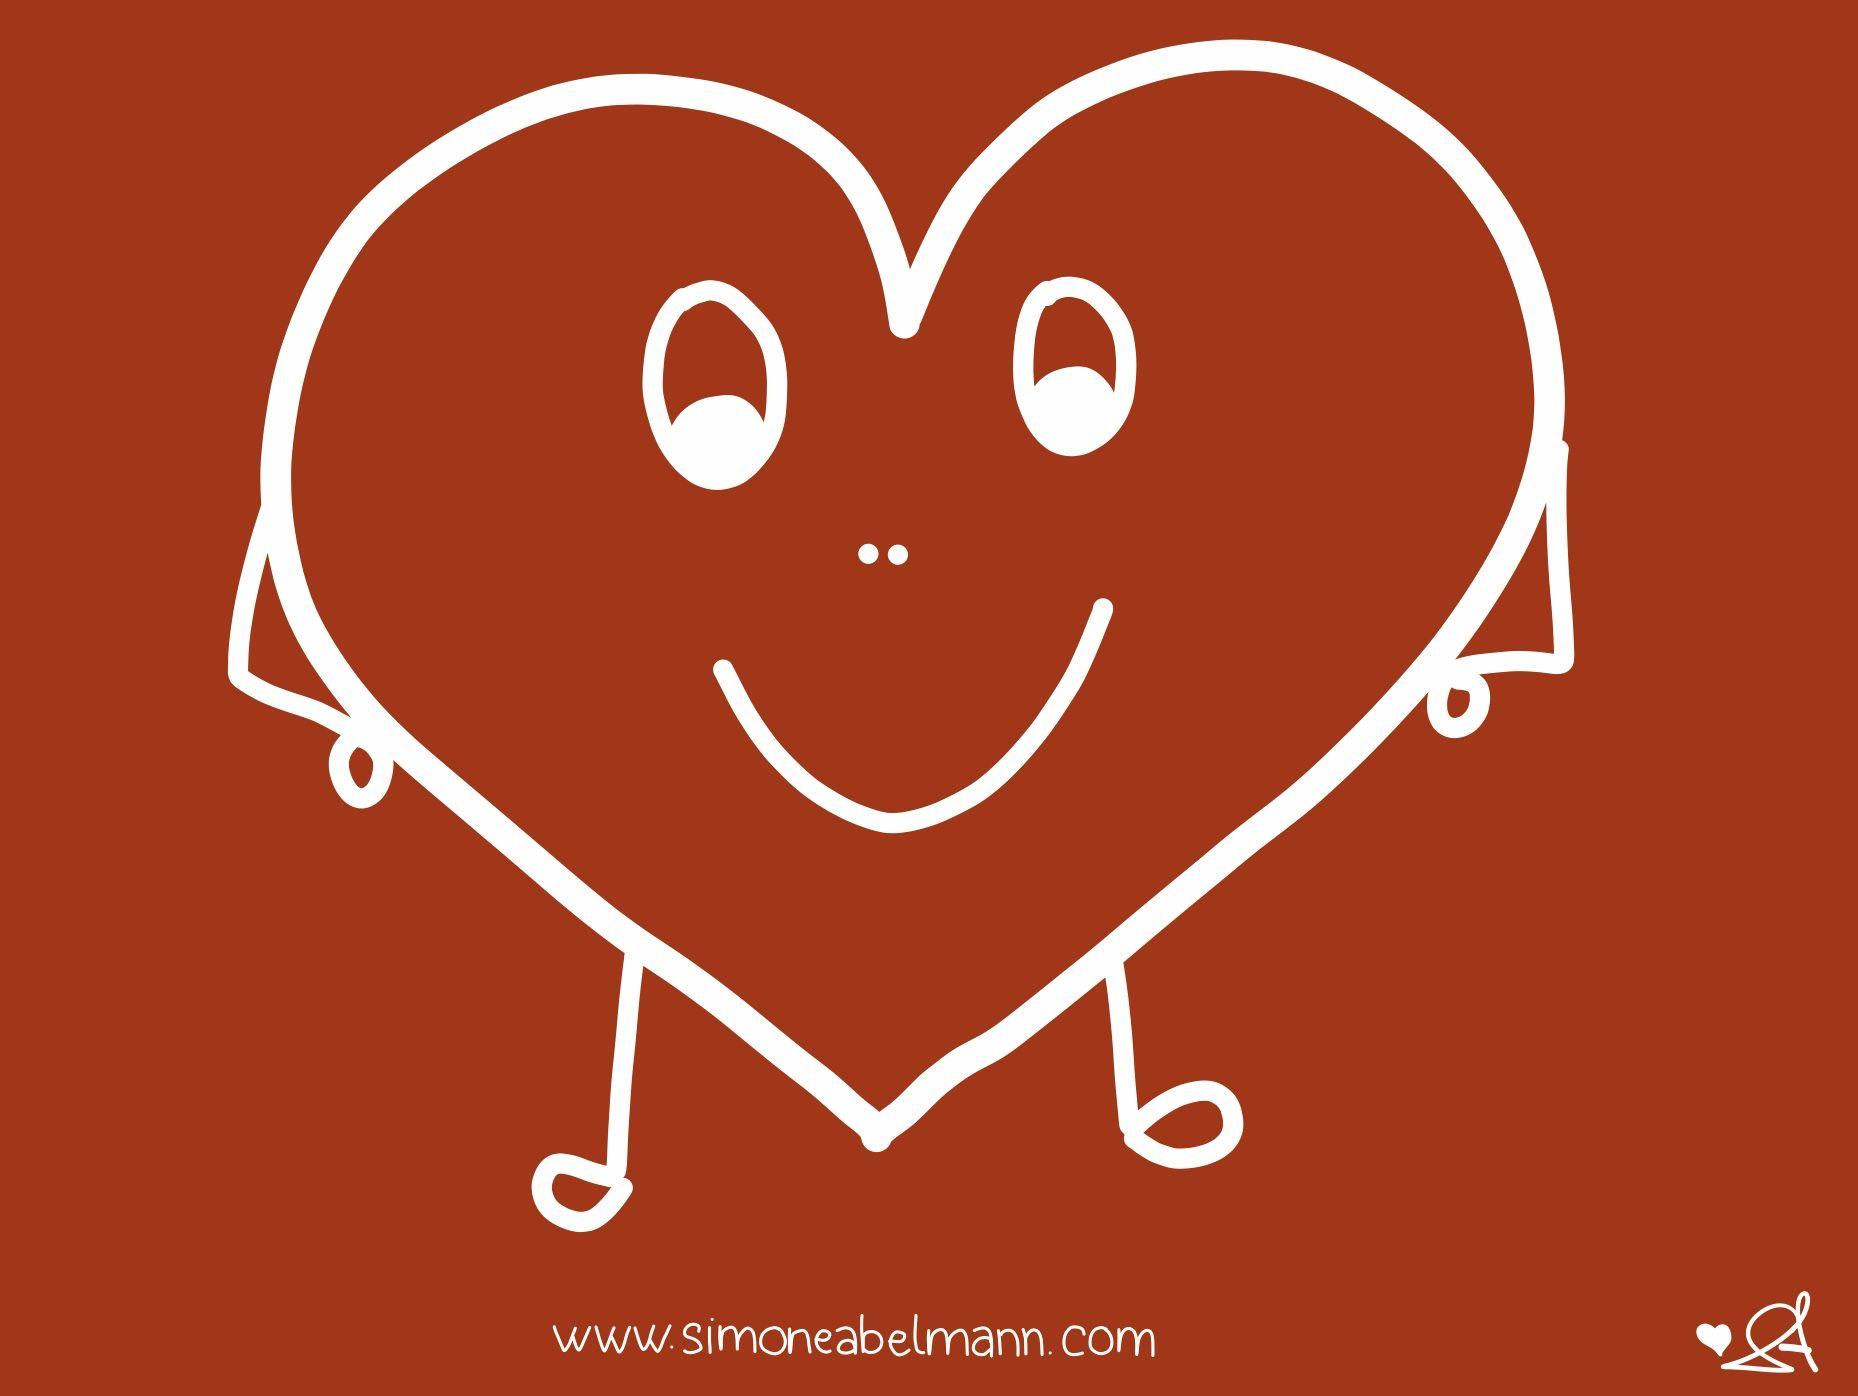 Du suchst eine Anleitung, wie Du Herzen selber zeichnest? Zum ...